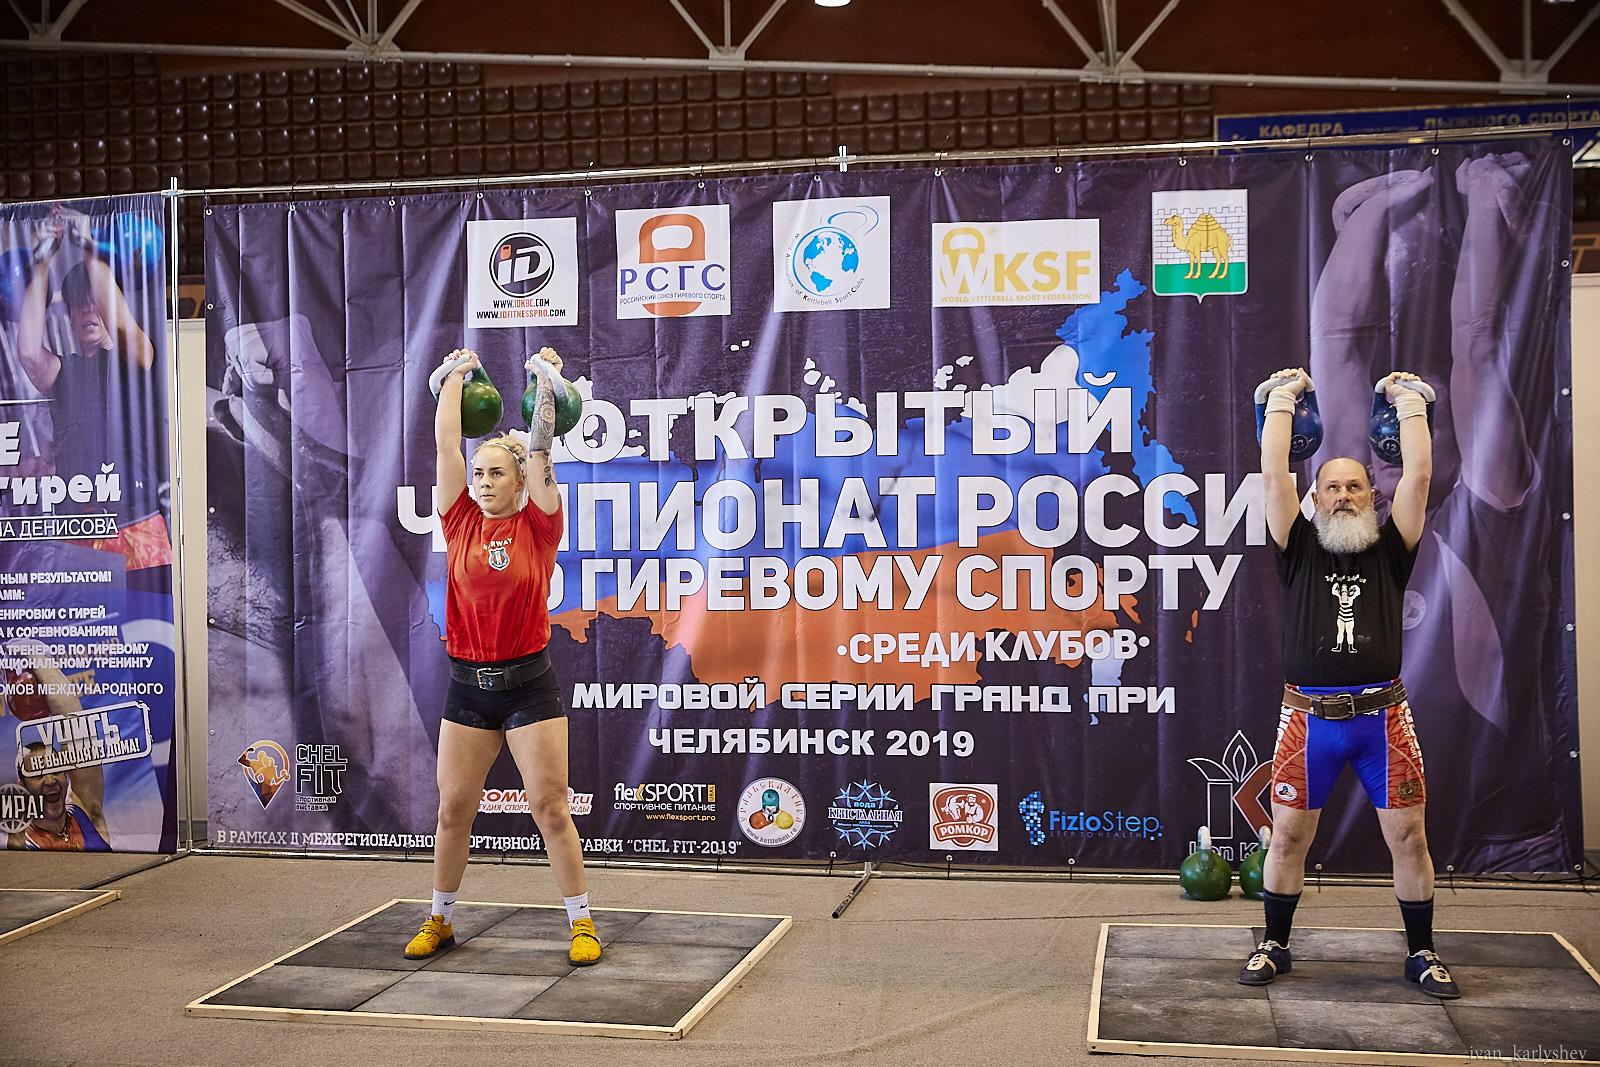 Чемпионат России среди клубов прошел под эгидой РСГС